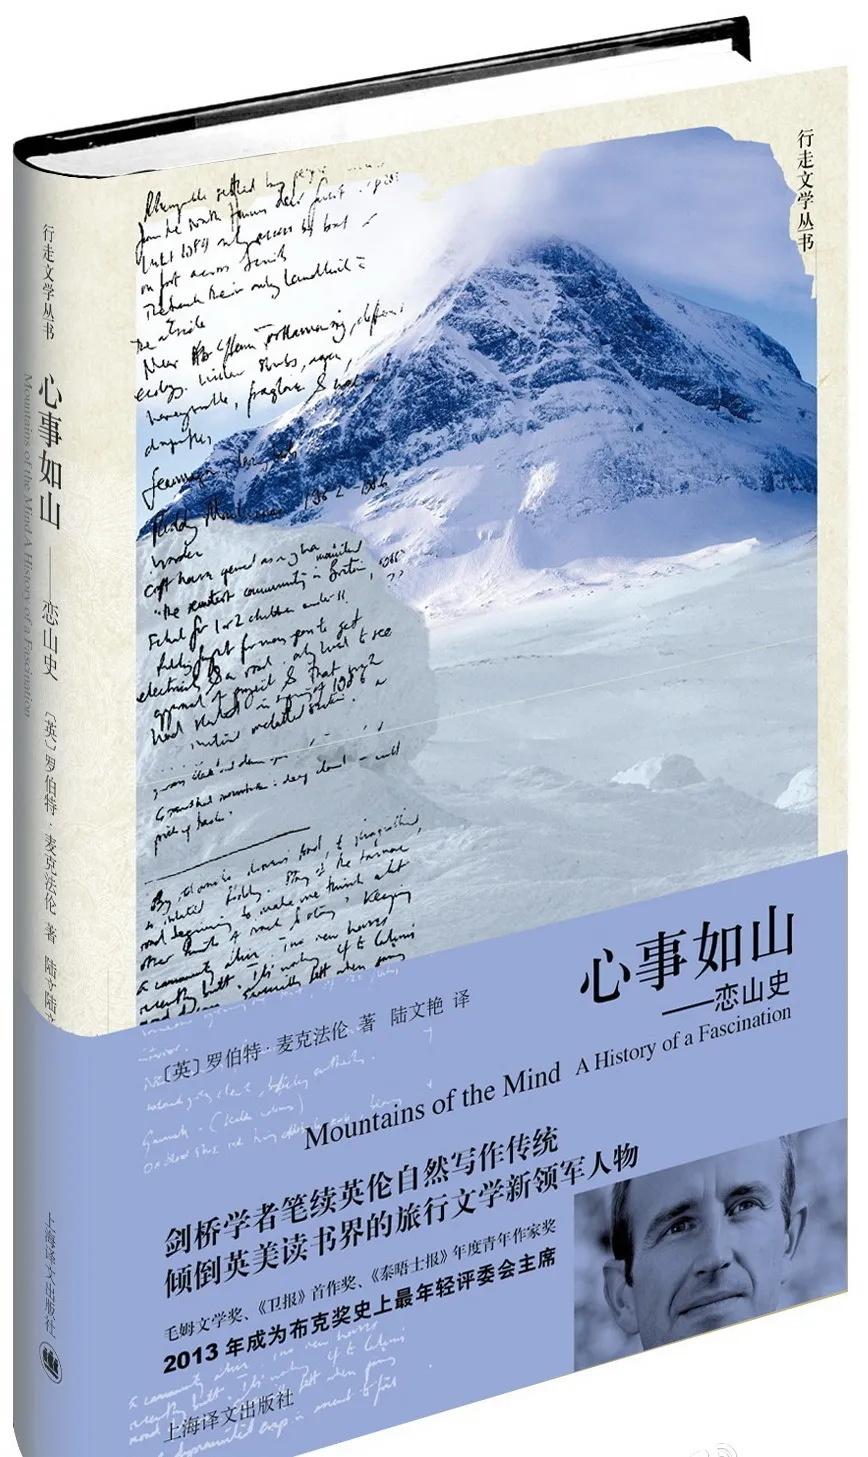 35本户外好书花间补读未完书,山里疾徐无事福-12